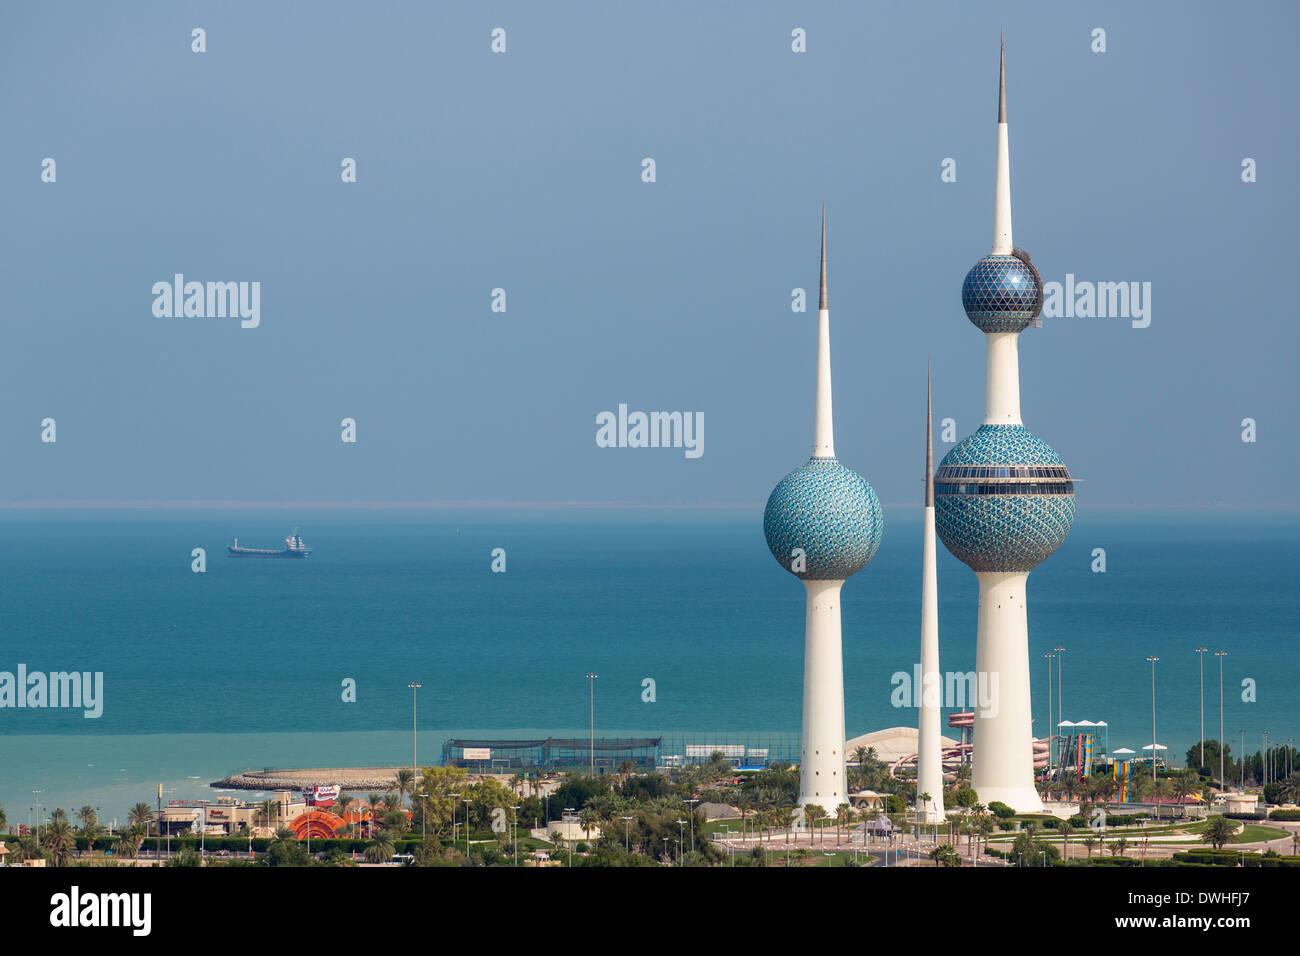 The Kuwait Towers, Arabian Gulf Street, Kuwait City, Kuwait, Persian Gulf, Arabia - Stock Image